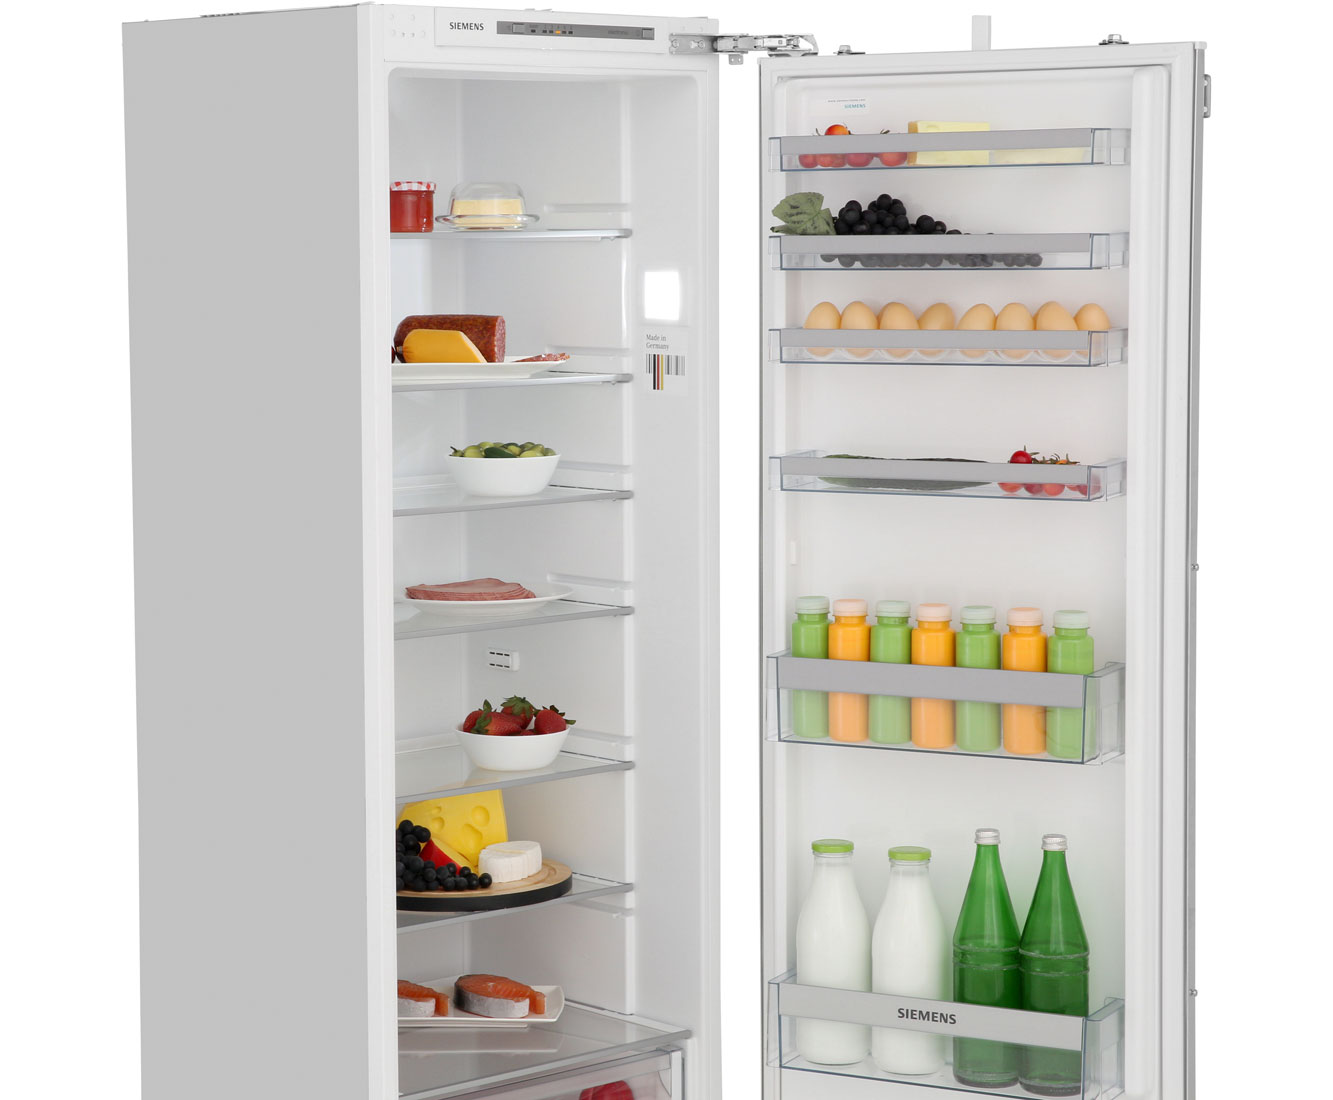 Siemens Kühlschrank : Siemens ki rvf einbau kühlschrank er nische festtür